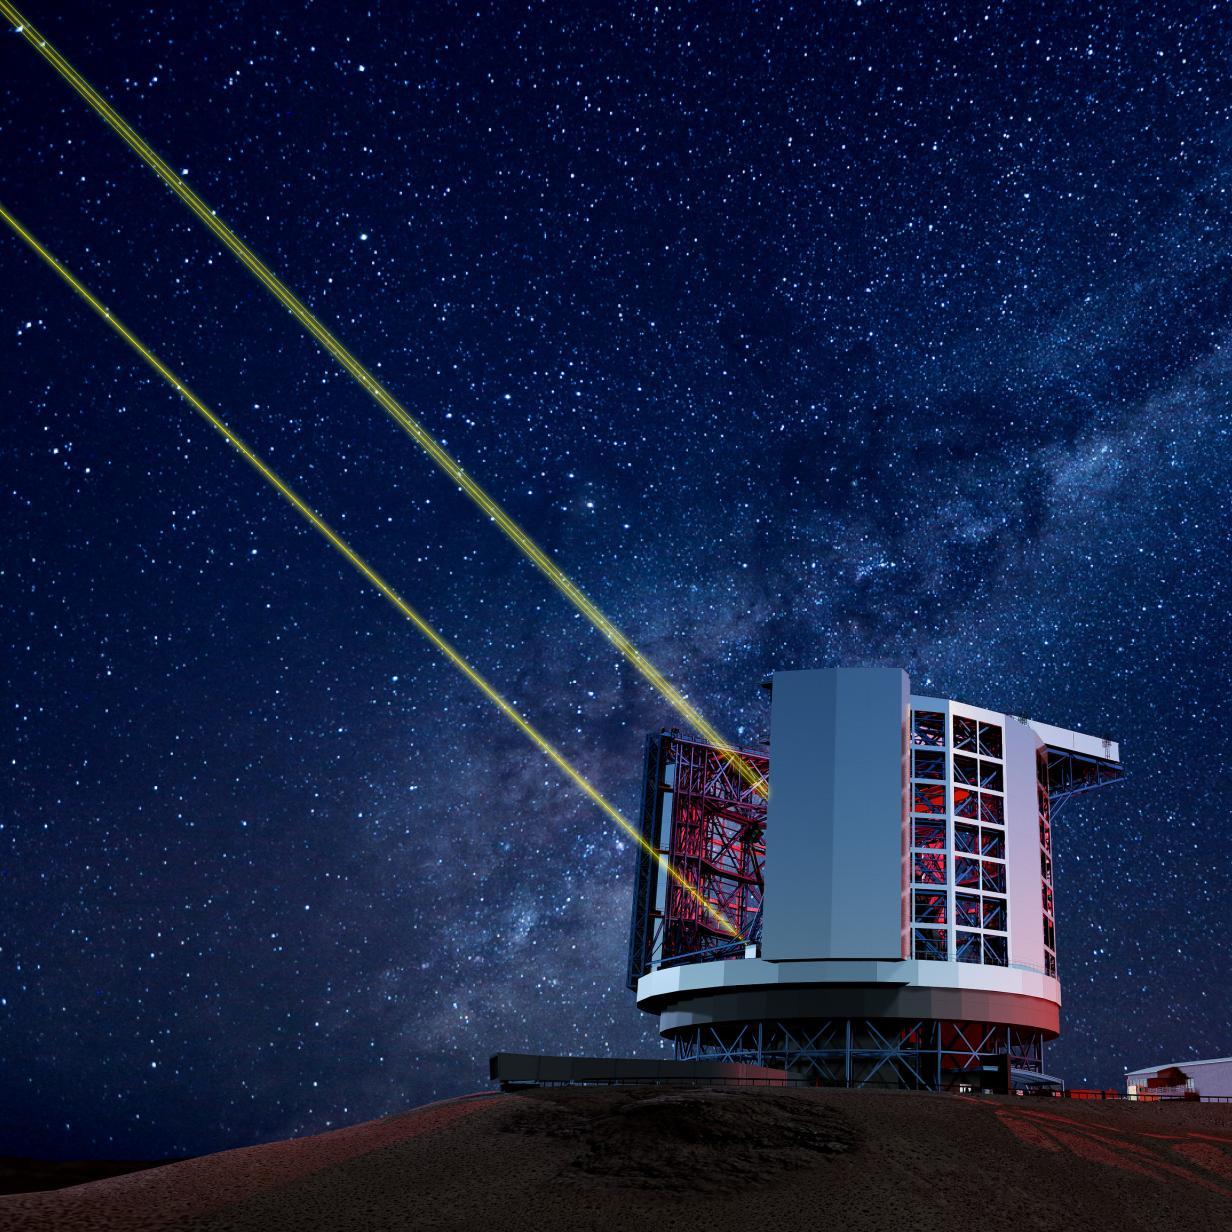 Zehnmal besser als Hubble: Bau von Einer-Milliarde-Dollar-Teleskop startet